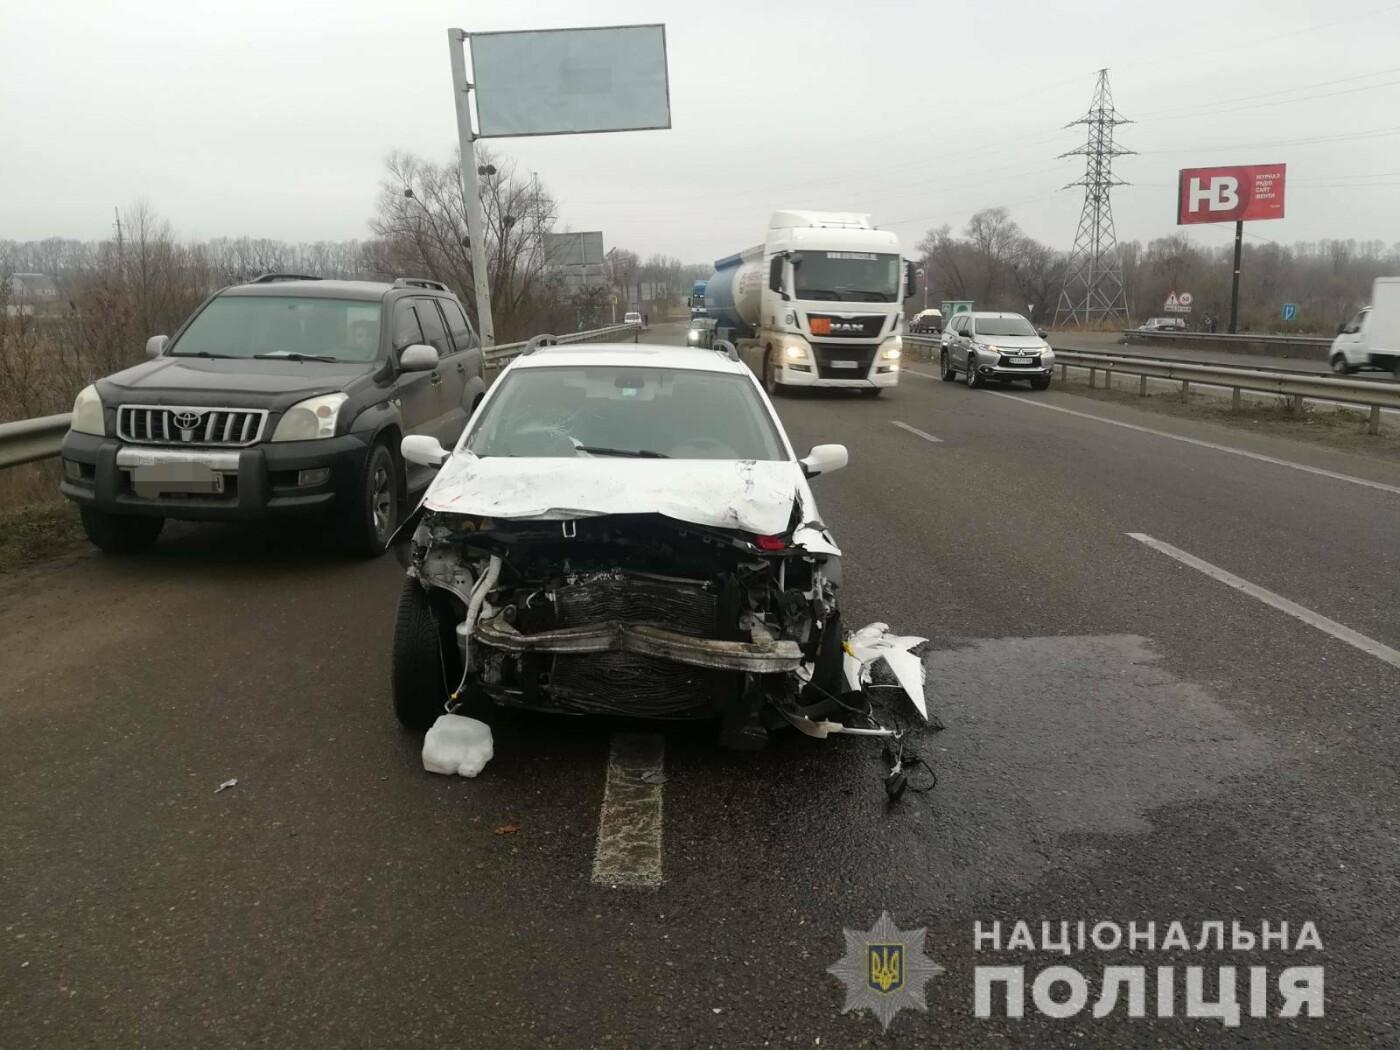 На Харьковщине «Renault» врезался в разворачивающийся «ВАЗ»: погиб водитель одного из авто, - ФОТО, фото-3